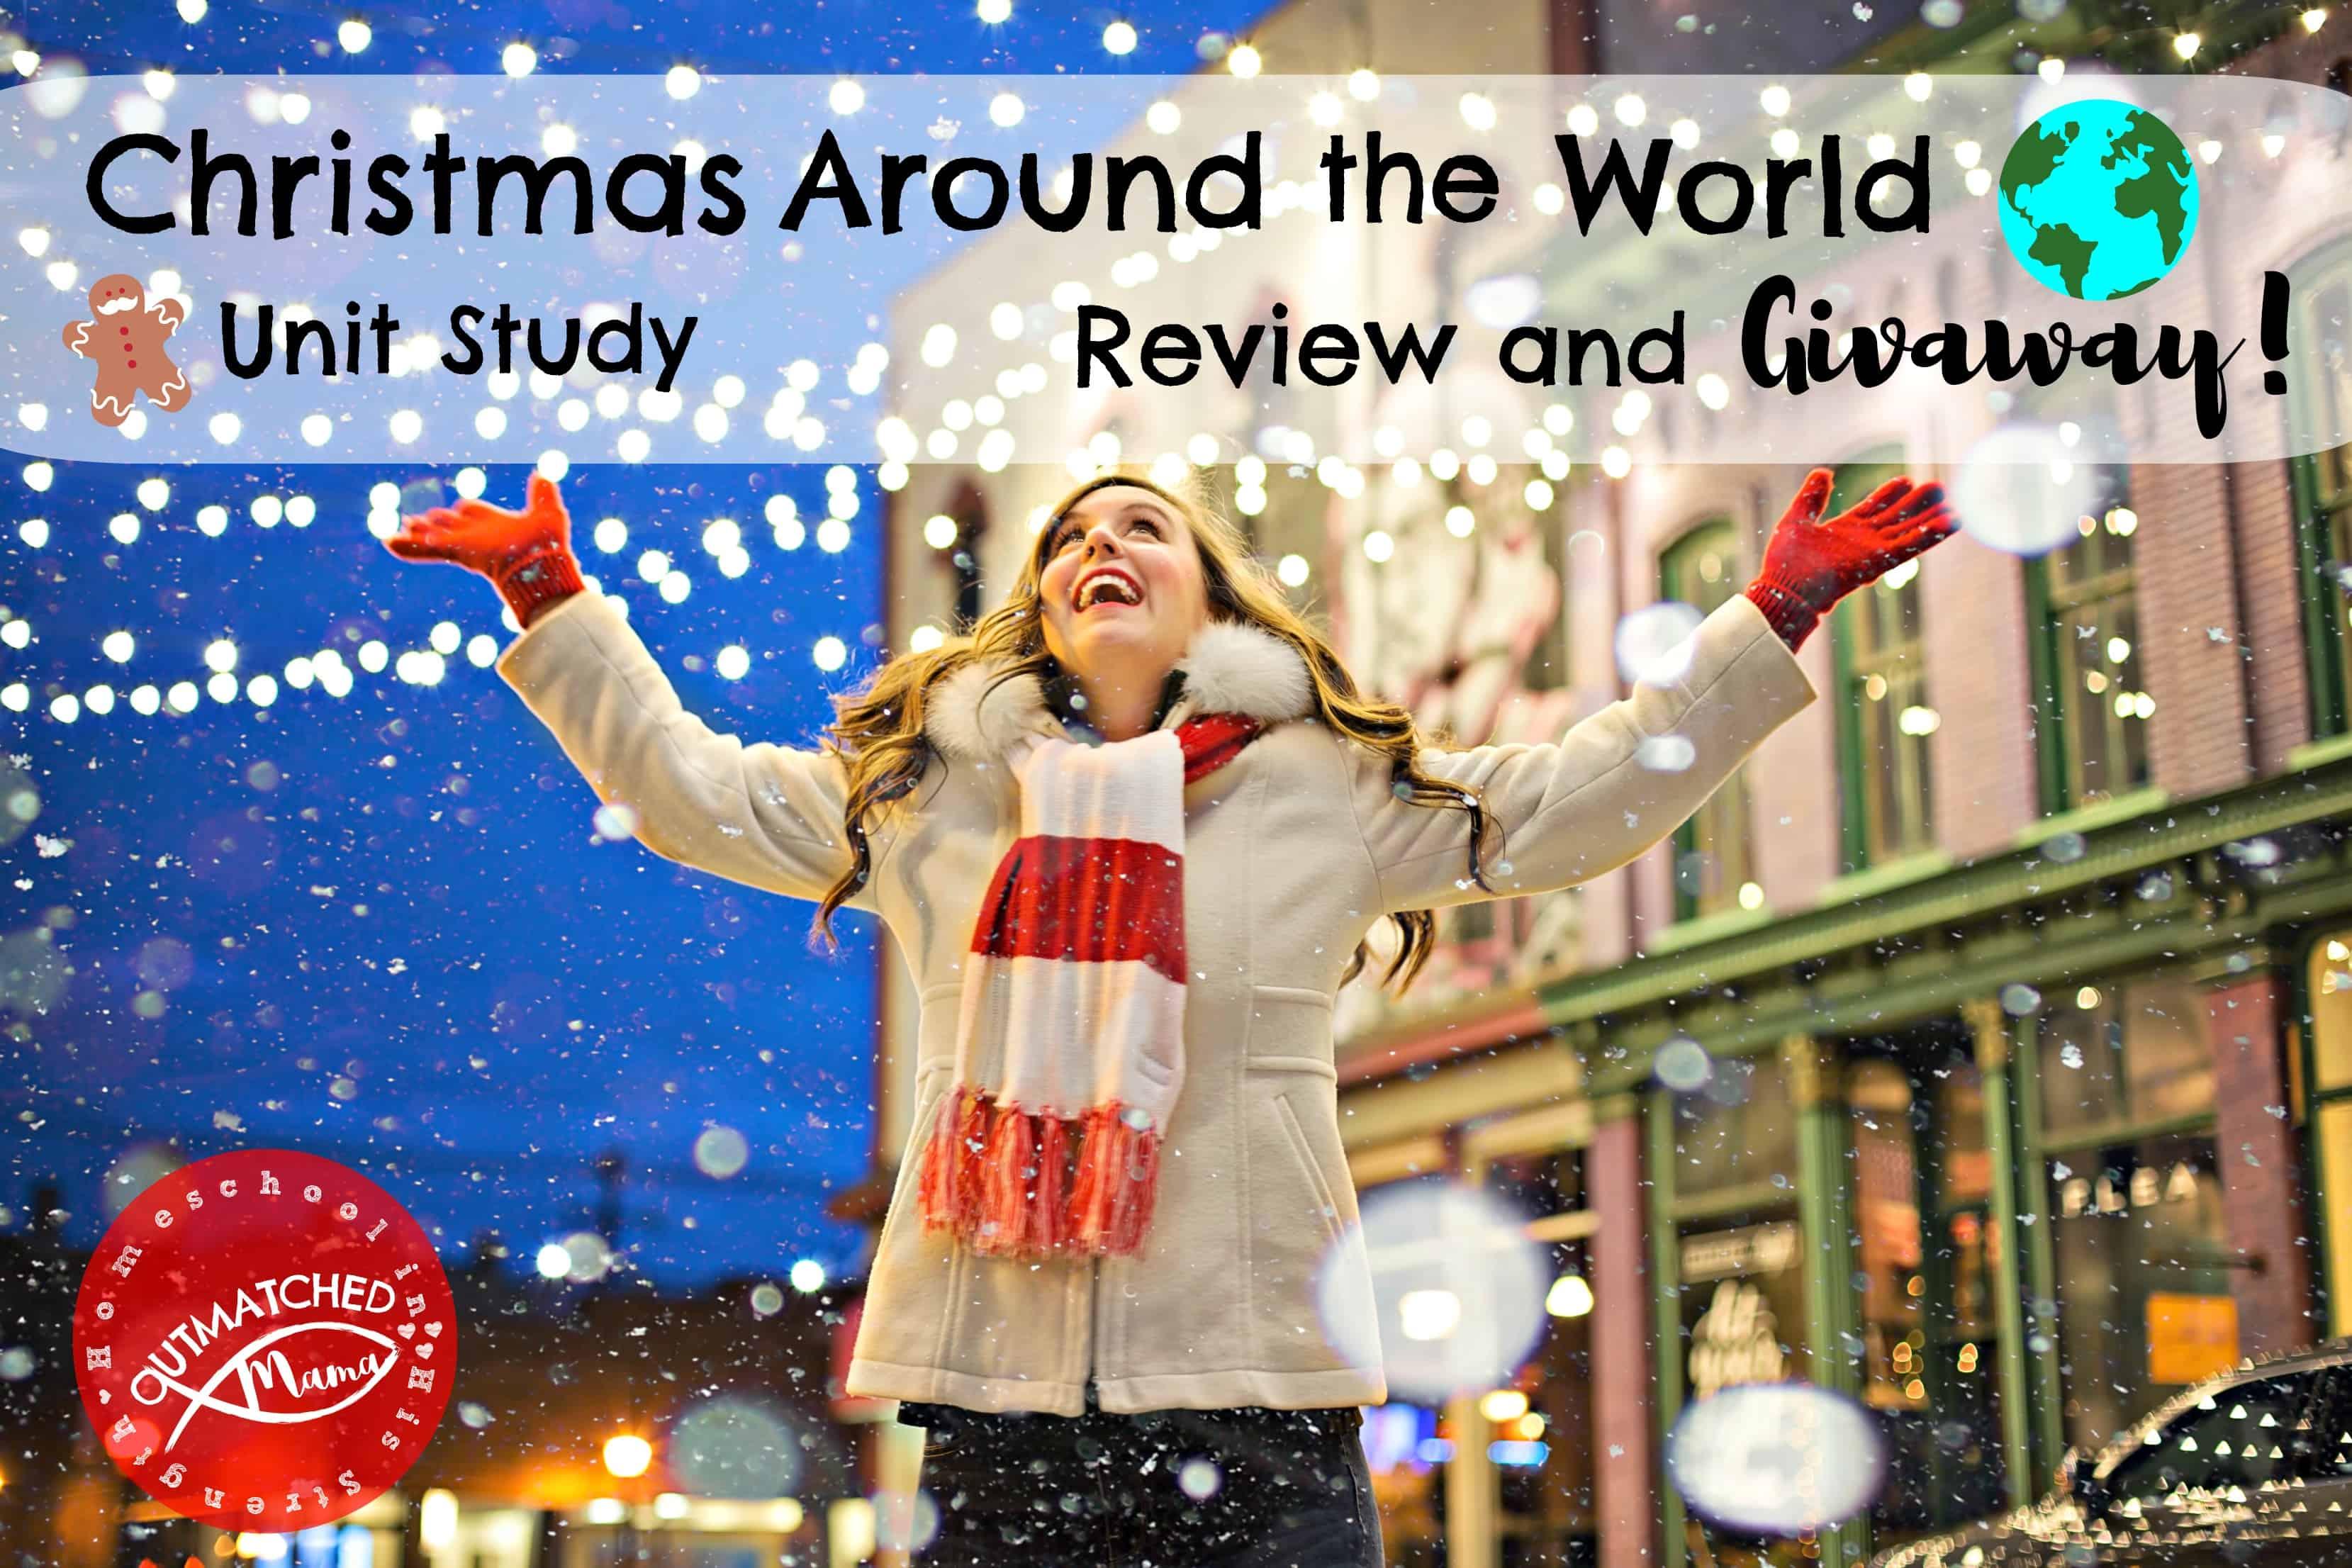 Christmas Around The World Givaway